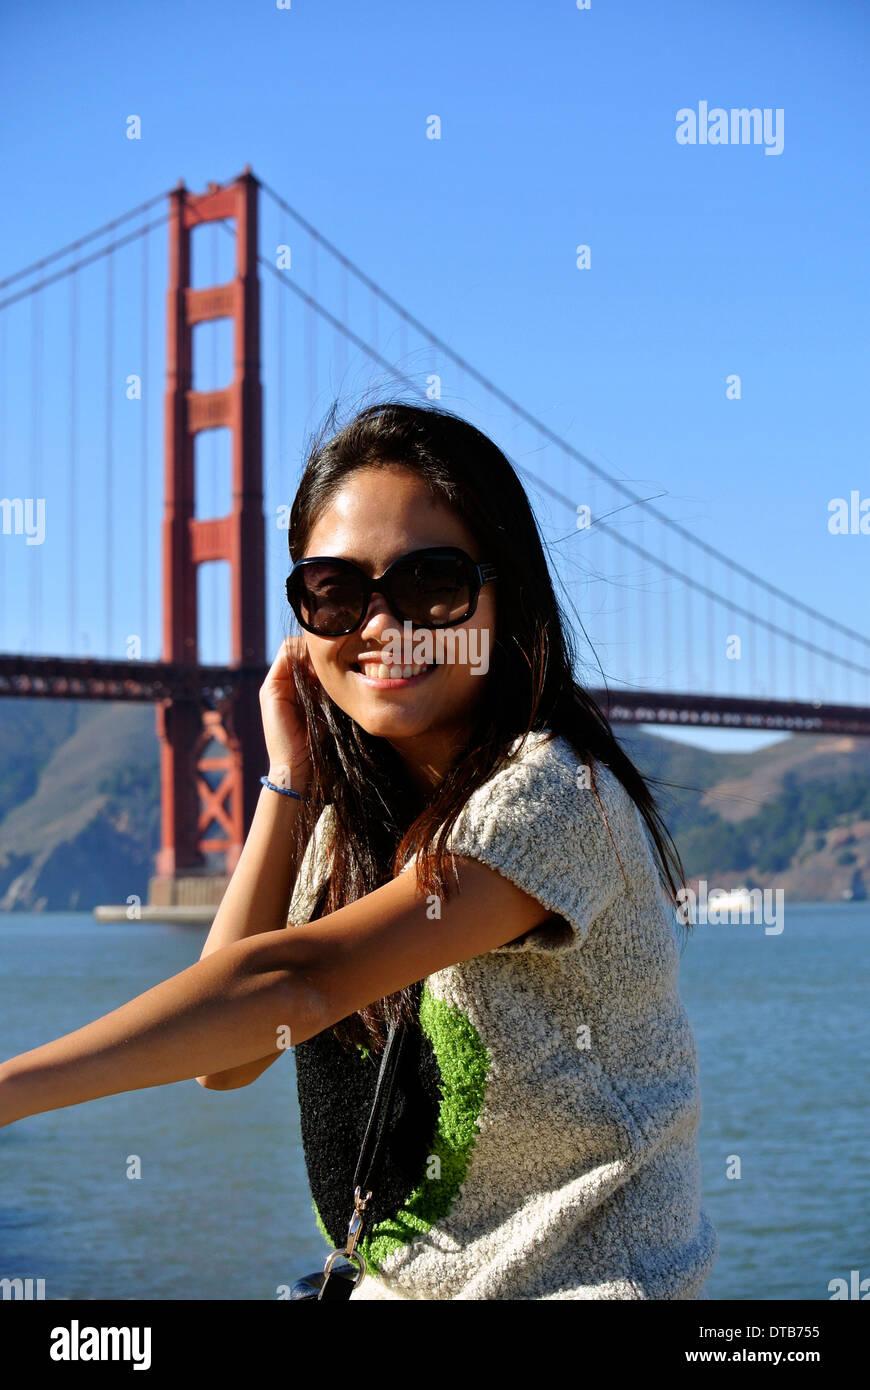 Bella ragazza cinese pone per il fotografo con un telefono cellulare nella parte anteriore del Golden Gate Bridge Immagini Stock